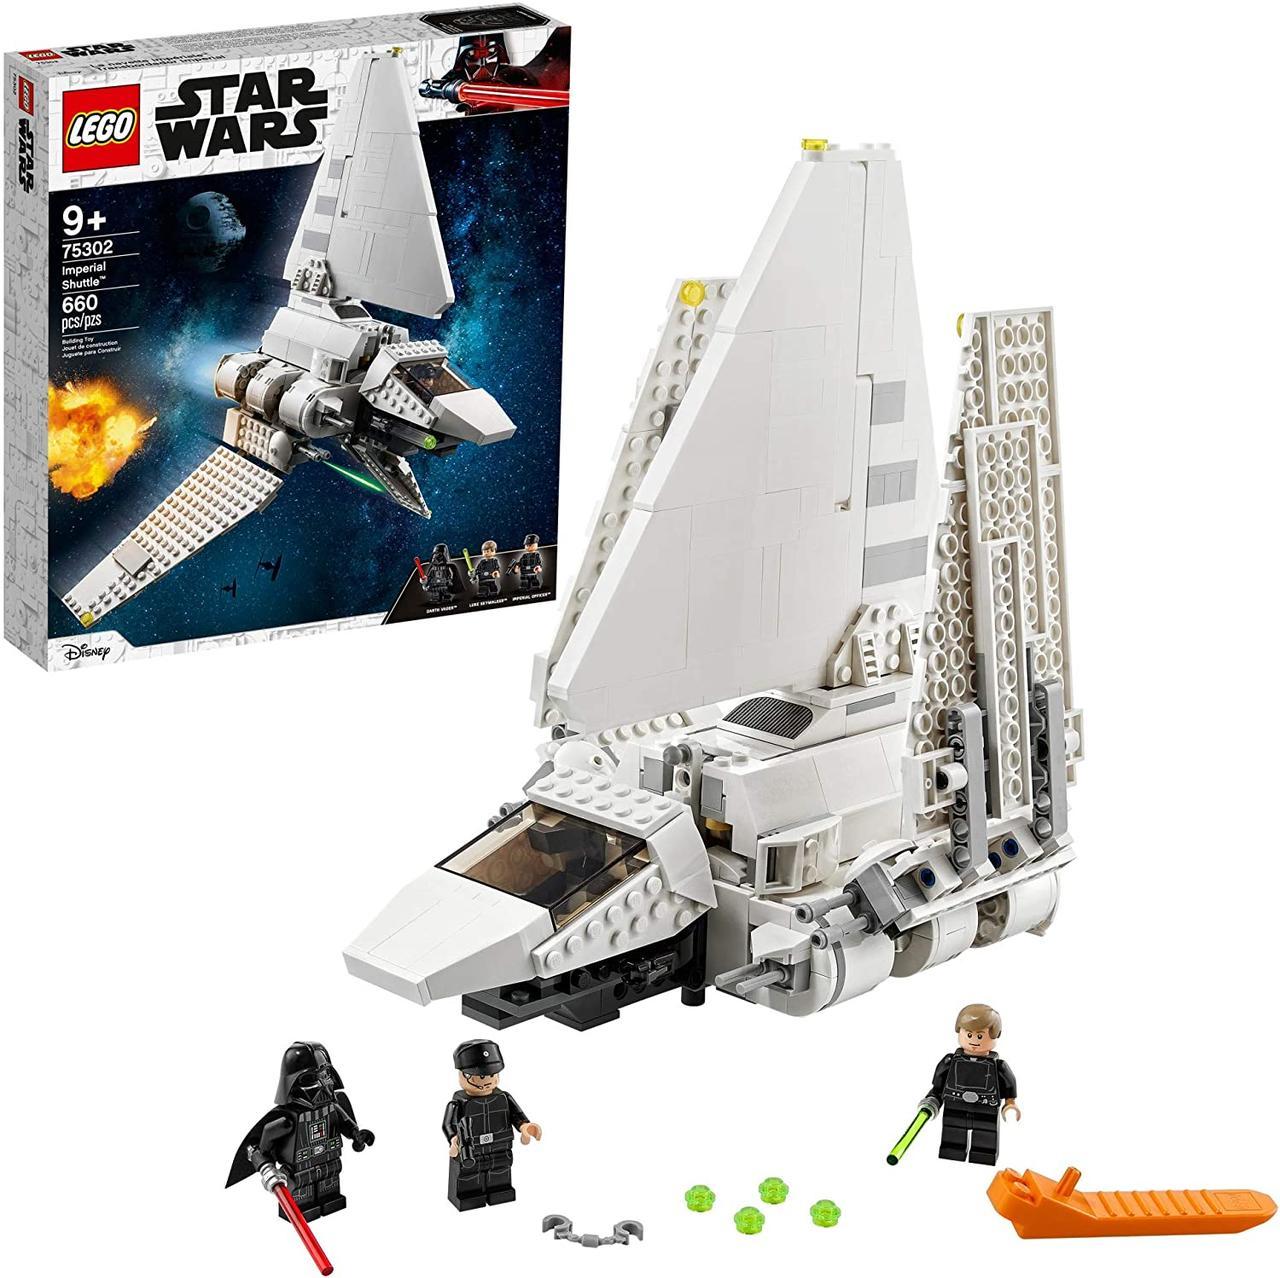 Лего Звездные войны  Имперский шаттл Lego Star Wars 75302